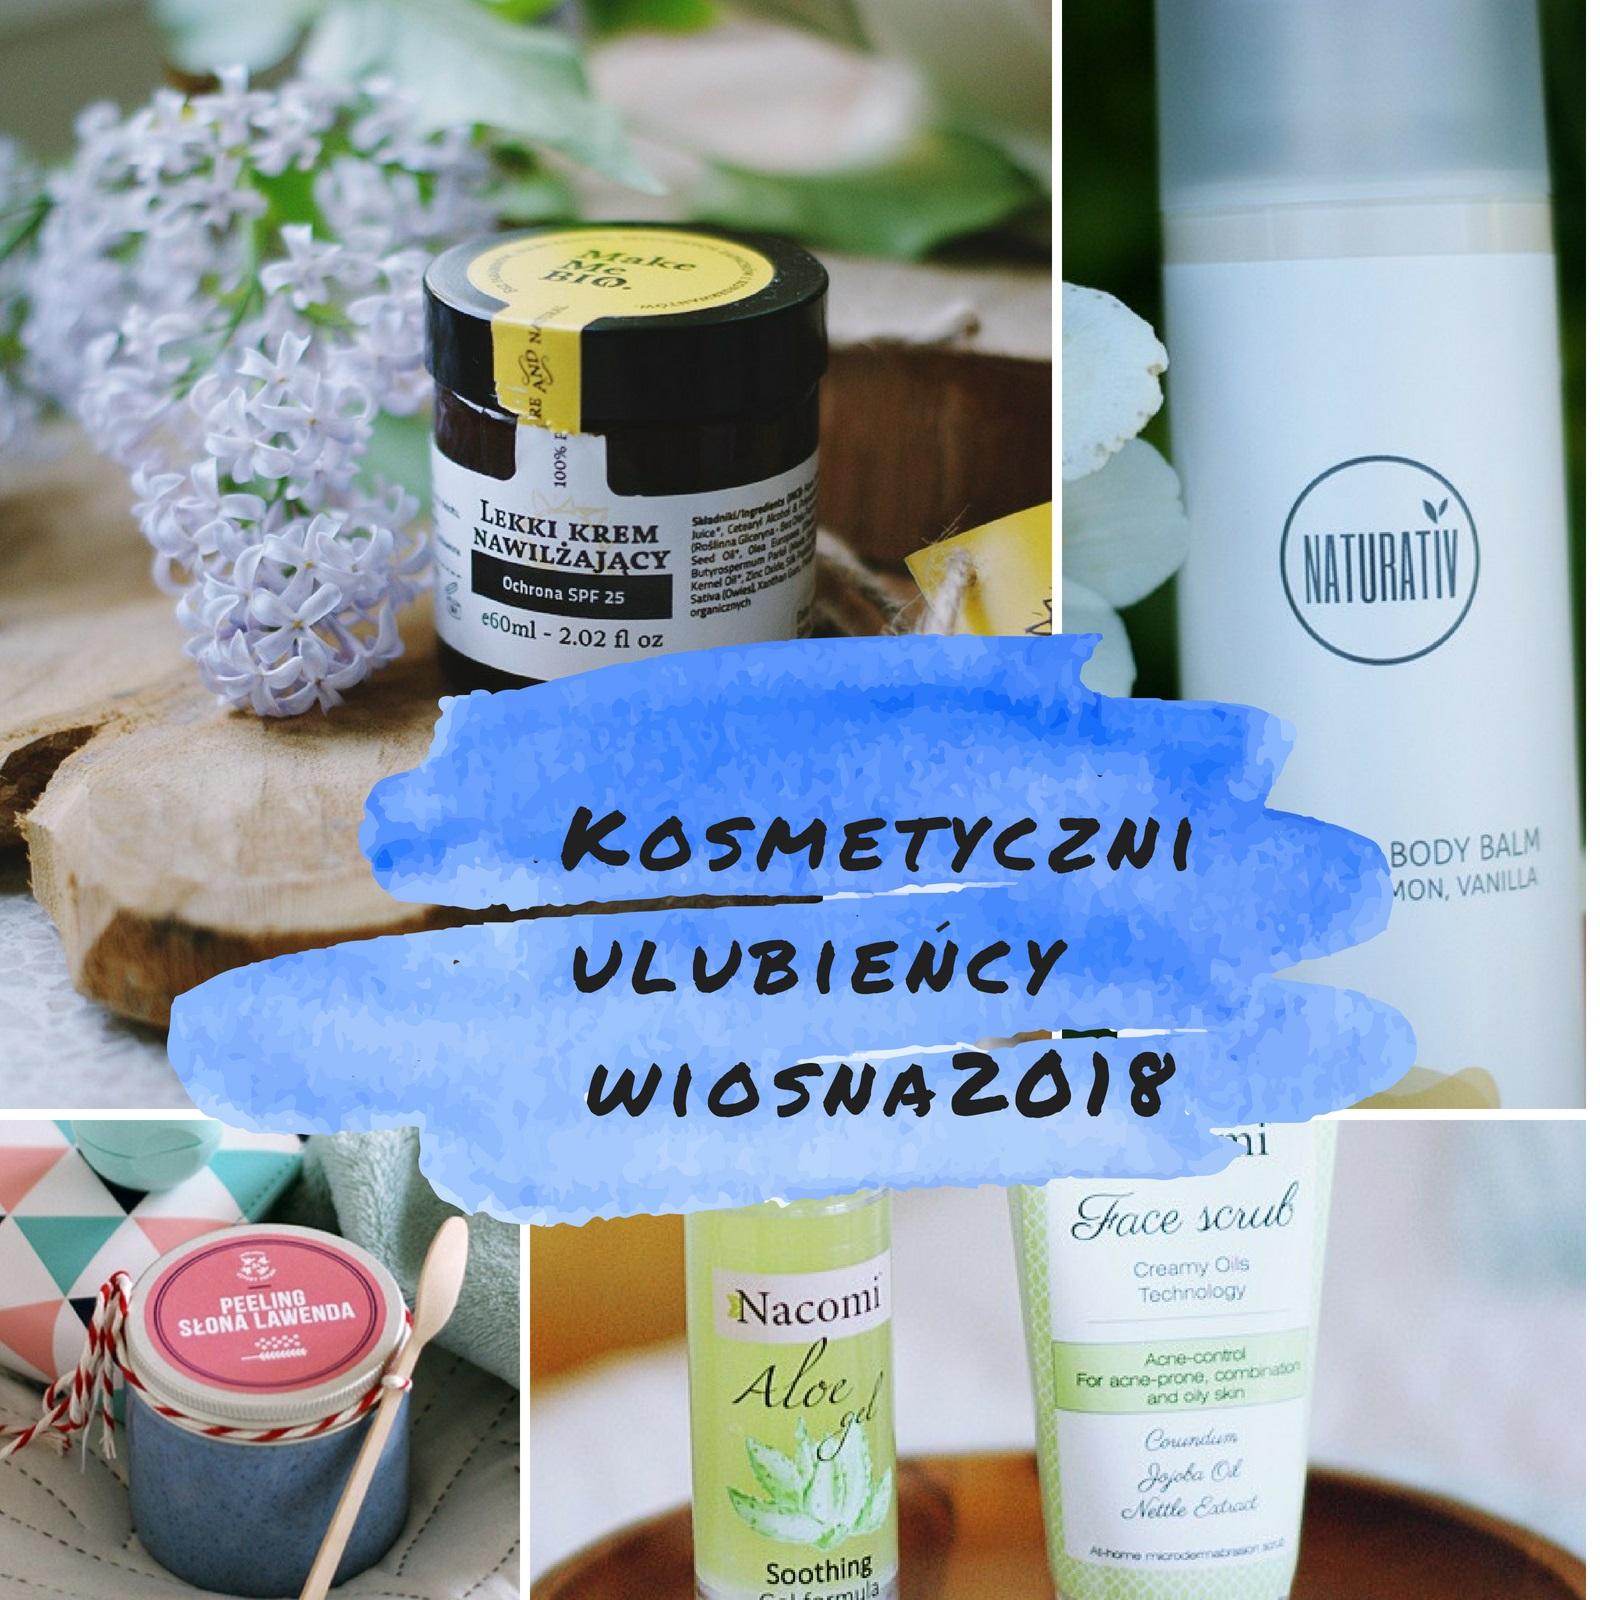 Kosmetyczni ulubiency wiosna2018